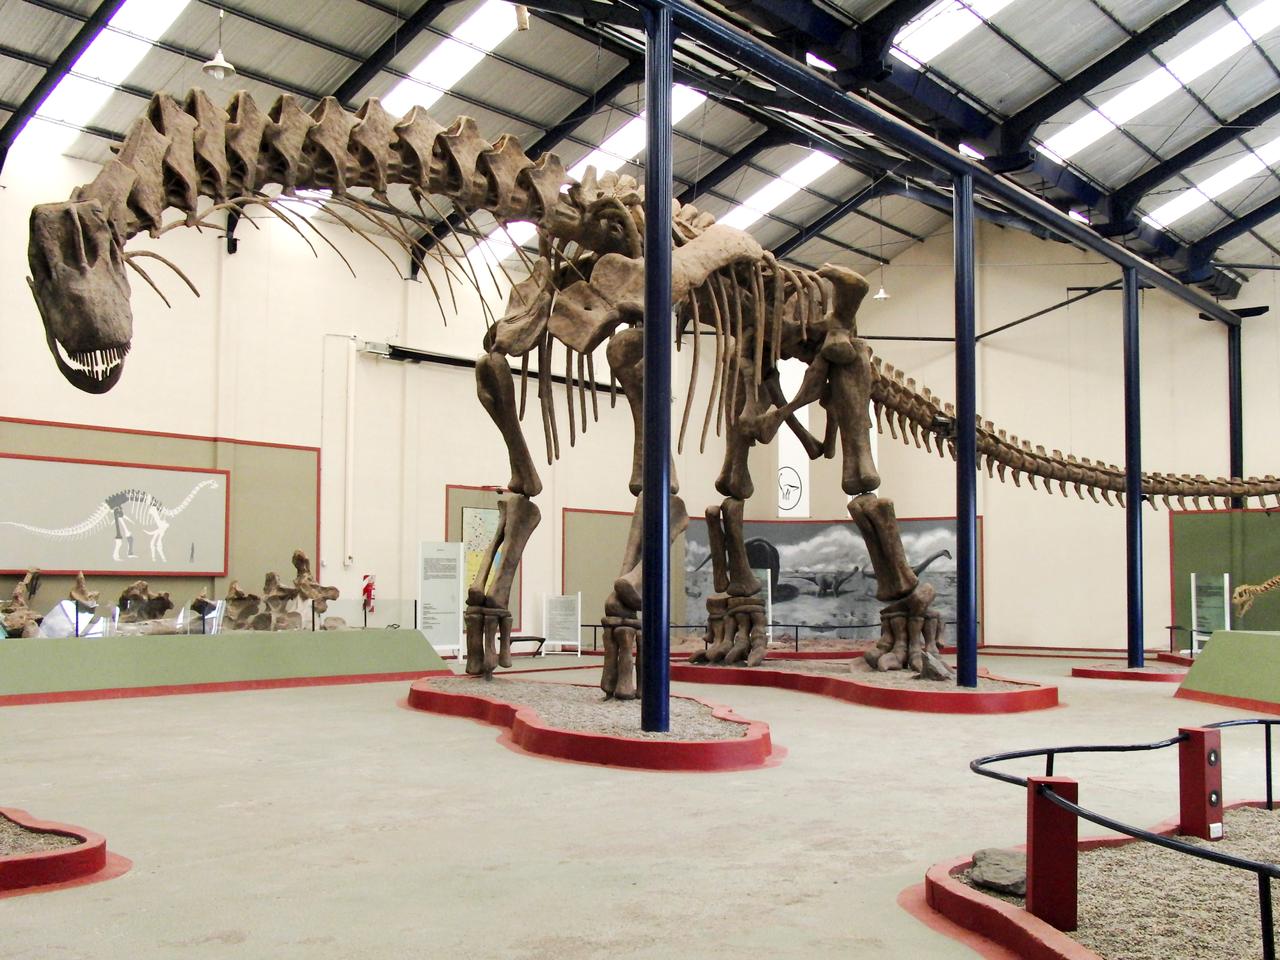 barcelona'da sauropod fosili